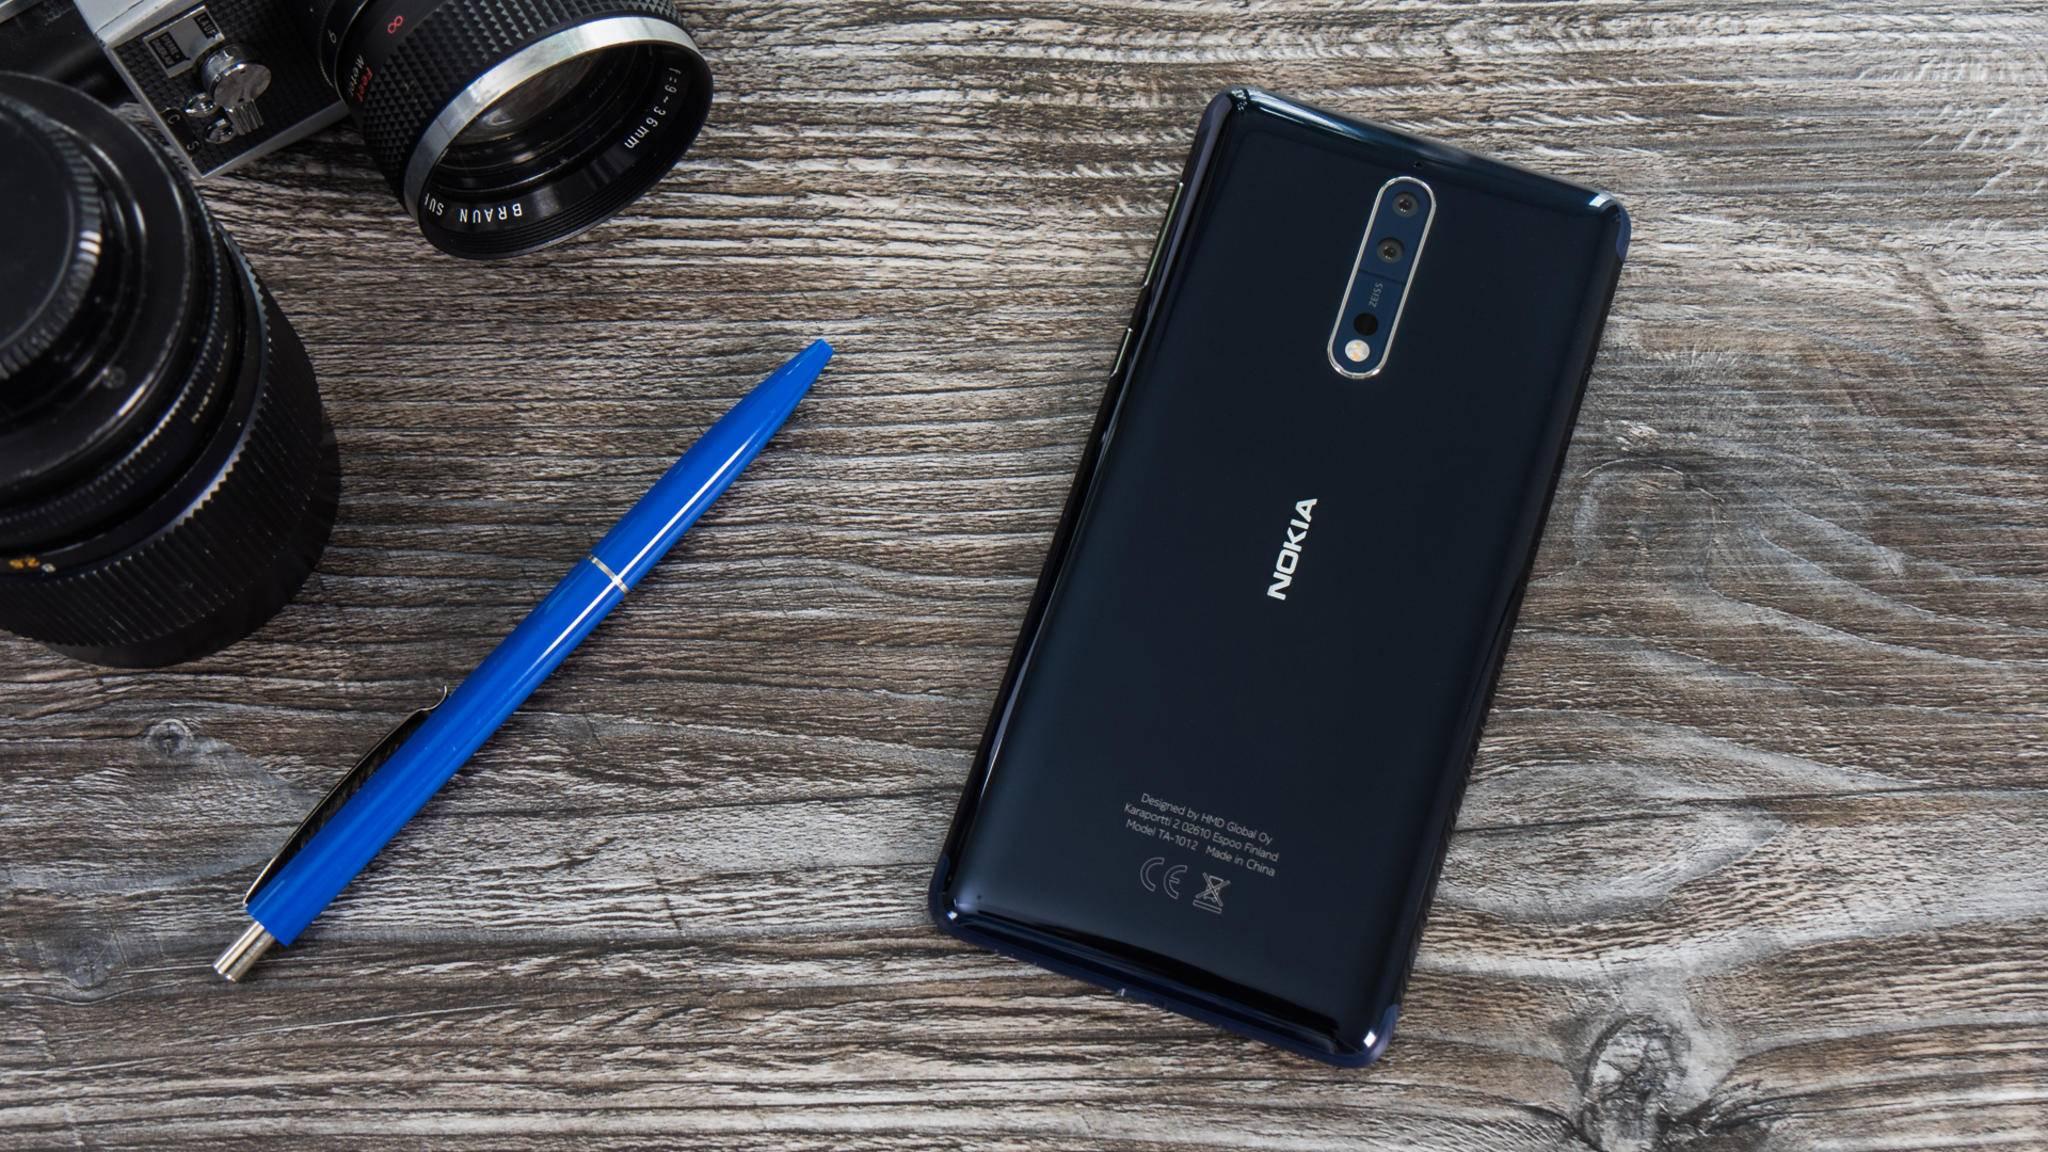 Schon 2019 soll ein erstes 5G-fähiges Smartphone unter anderem von Nokia erscheinen.